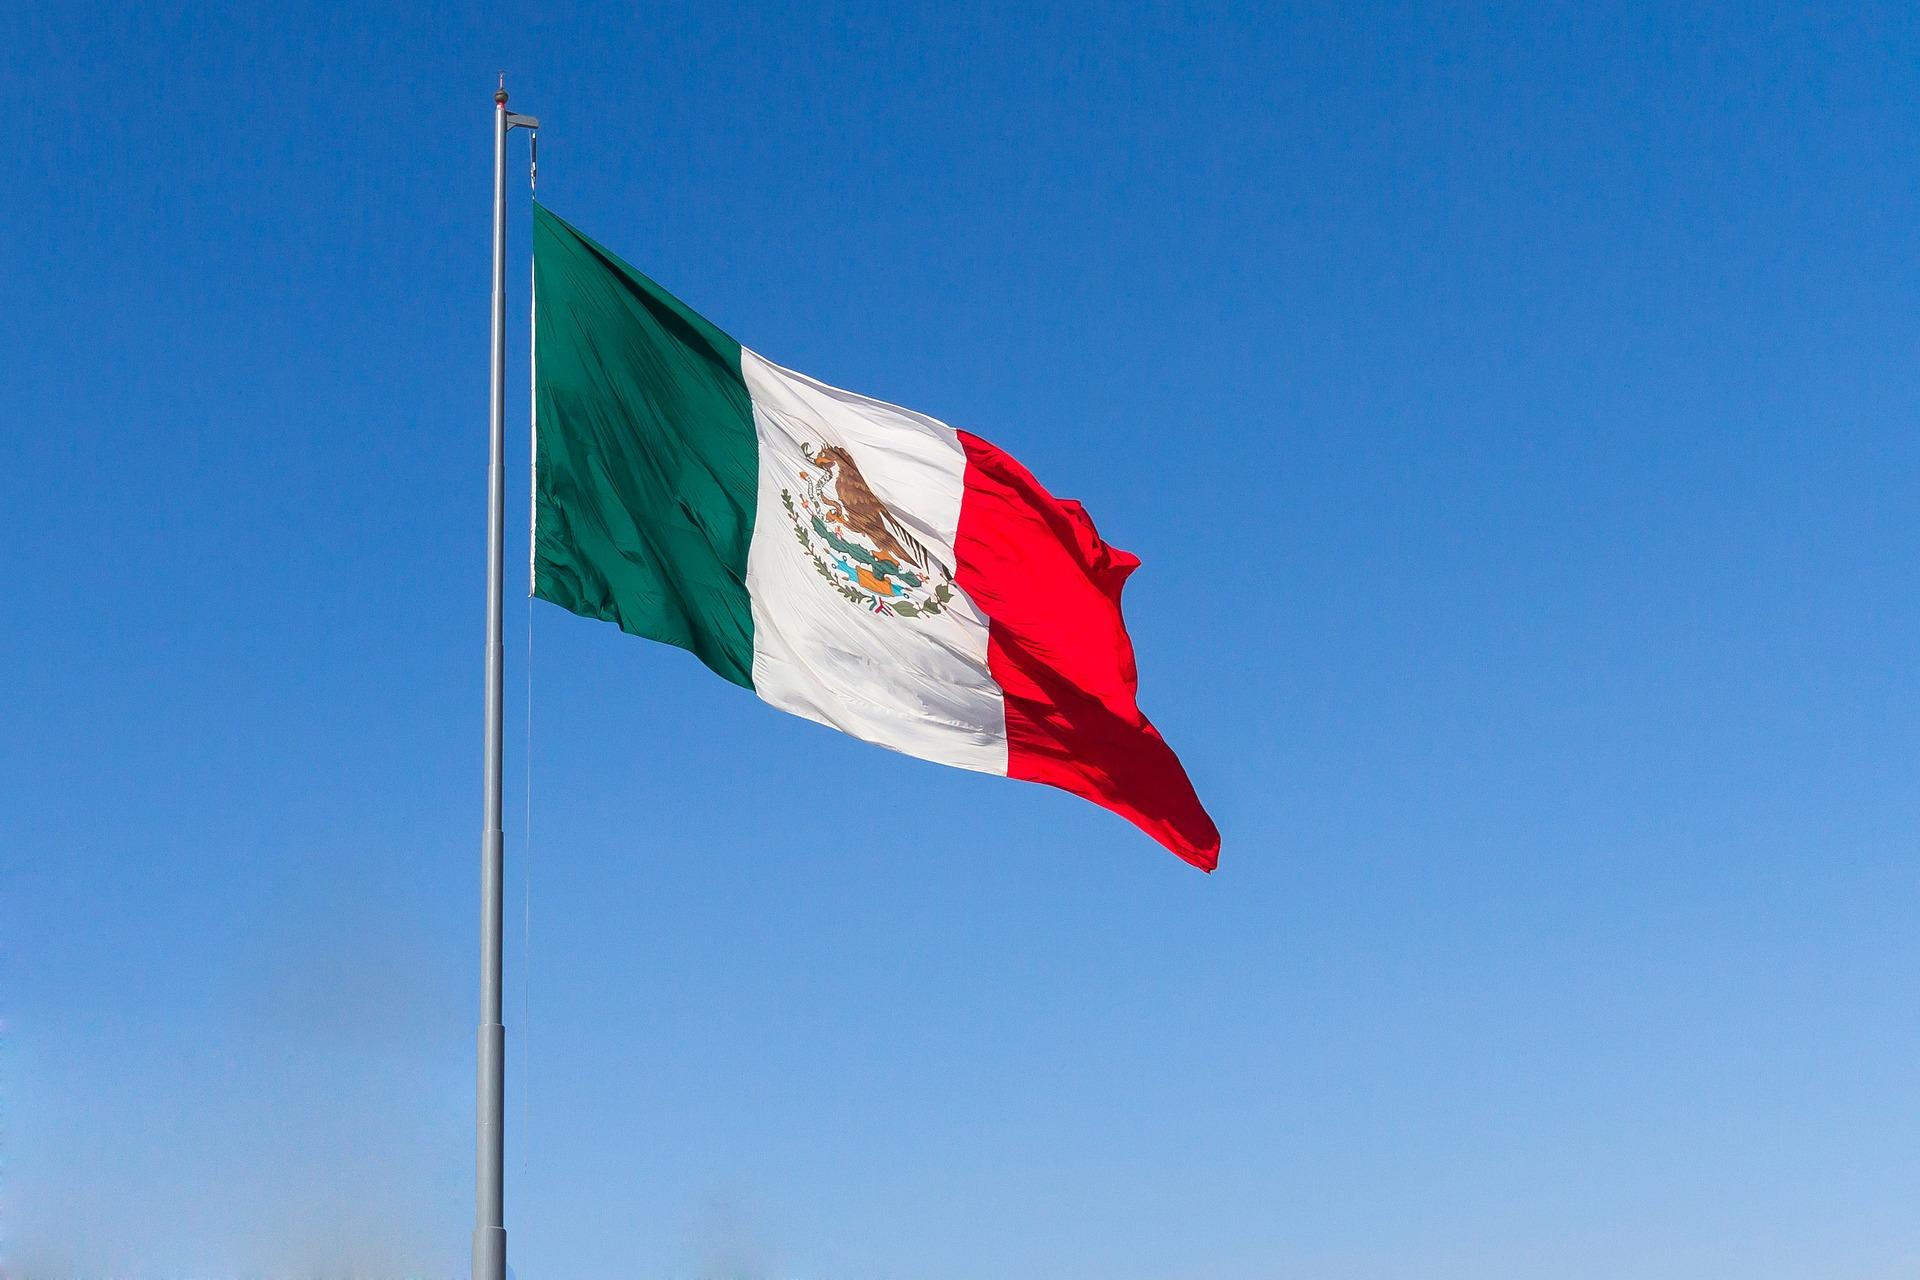 Bandera de México, ondeando con el viento.